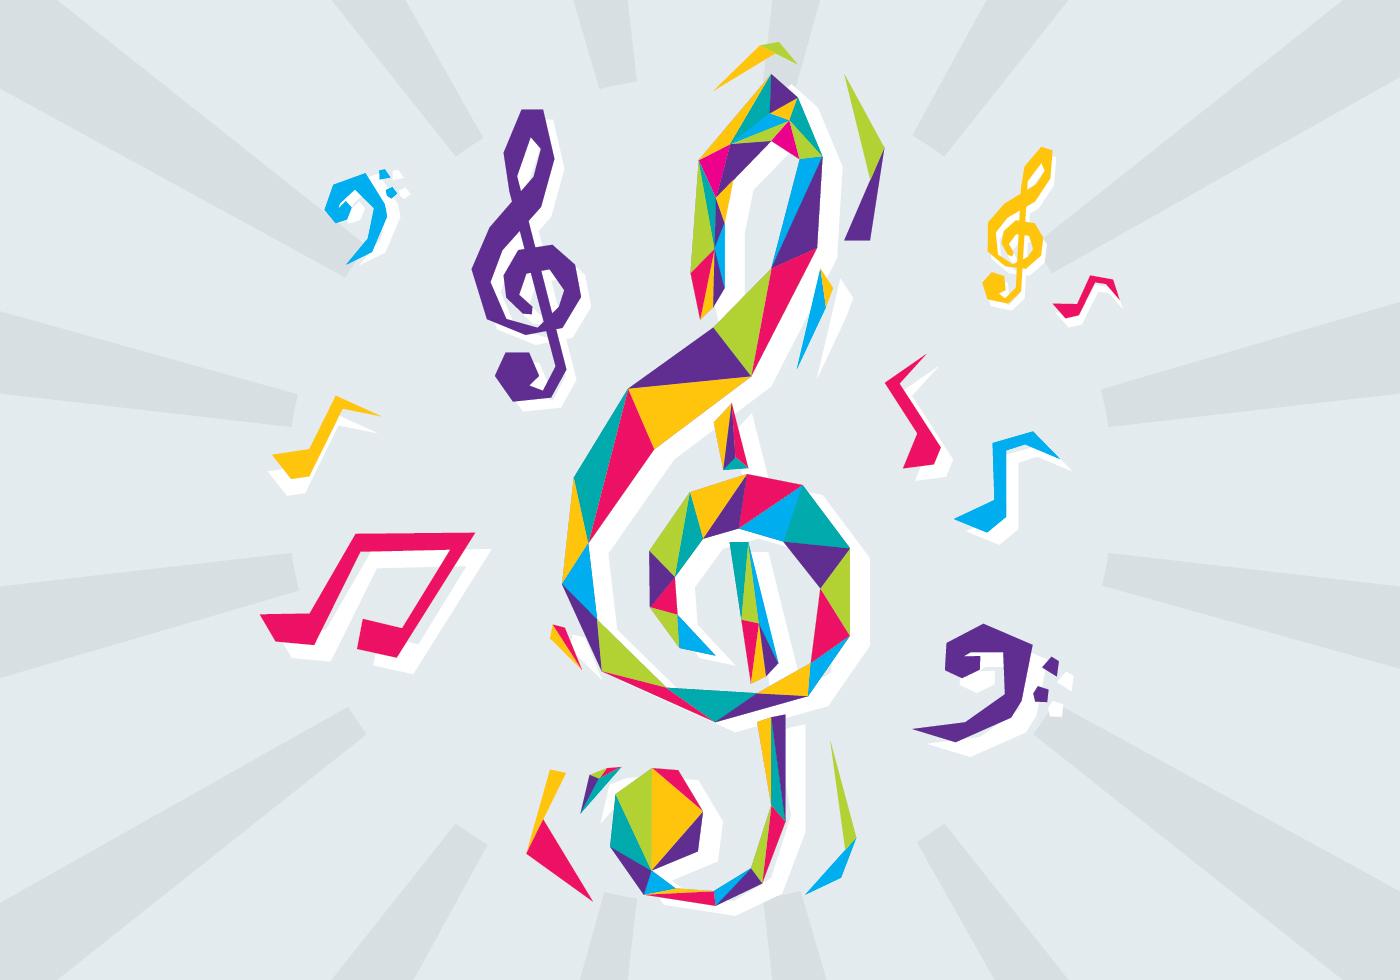 Vector Key Illustration: Free Violin Key Vector Illustration